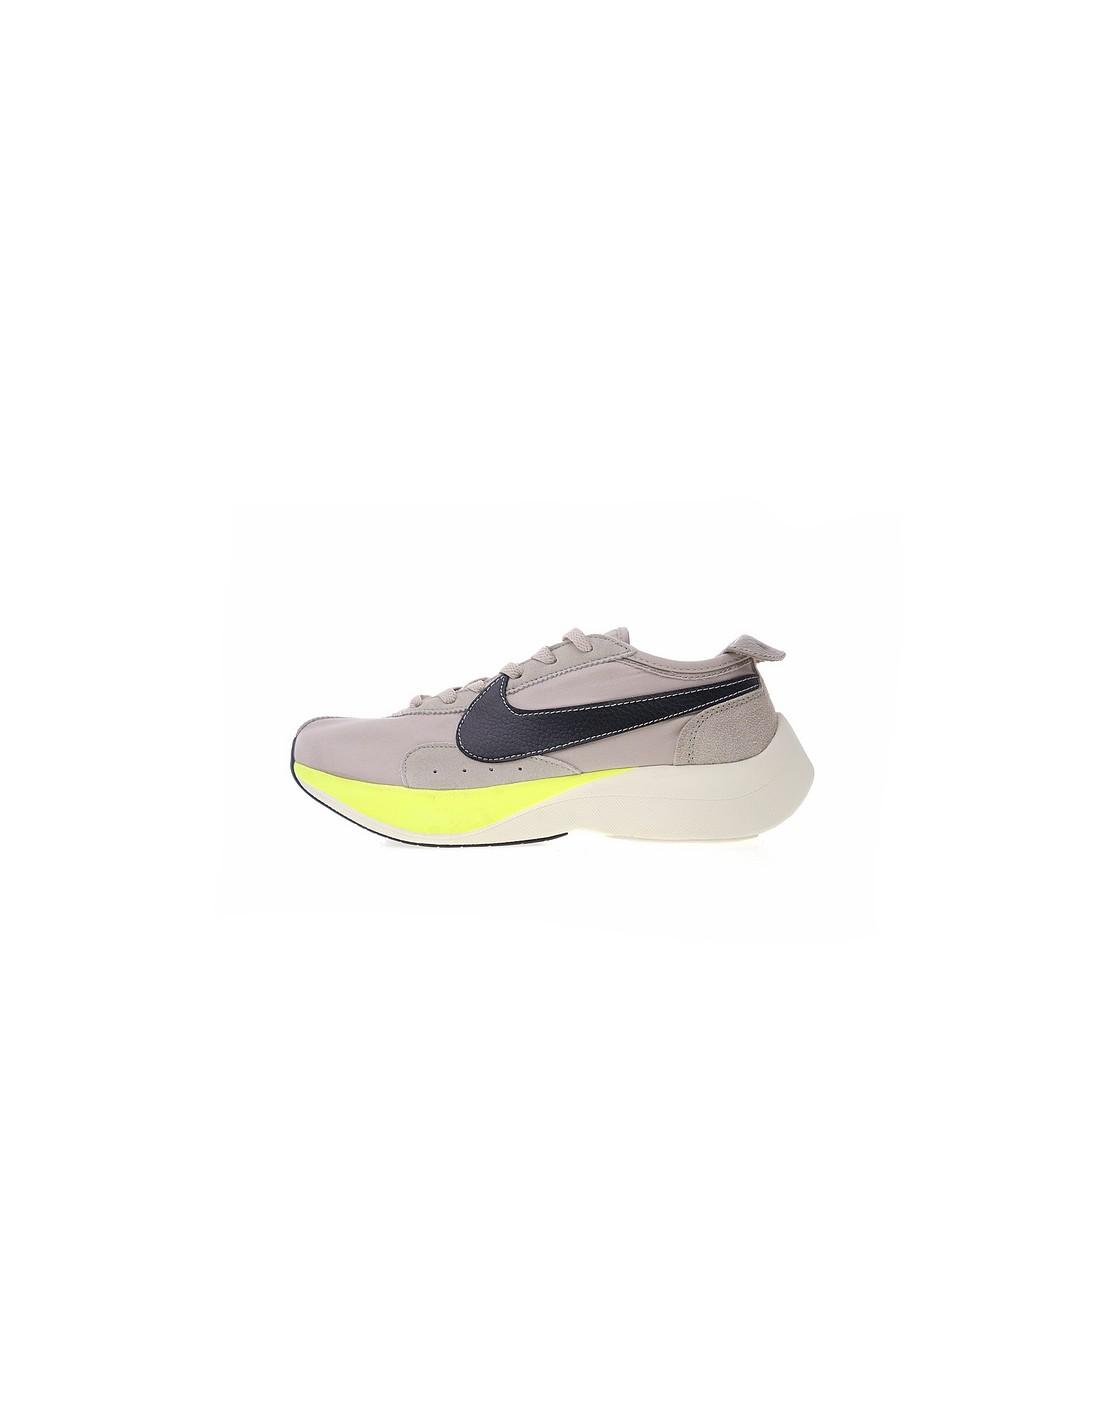 separation shoes 4b9f7 87aaa Appuyez pour agrandir